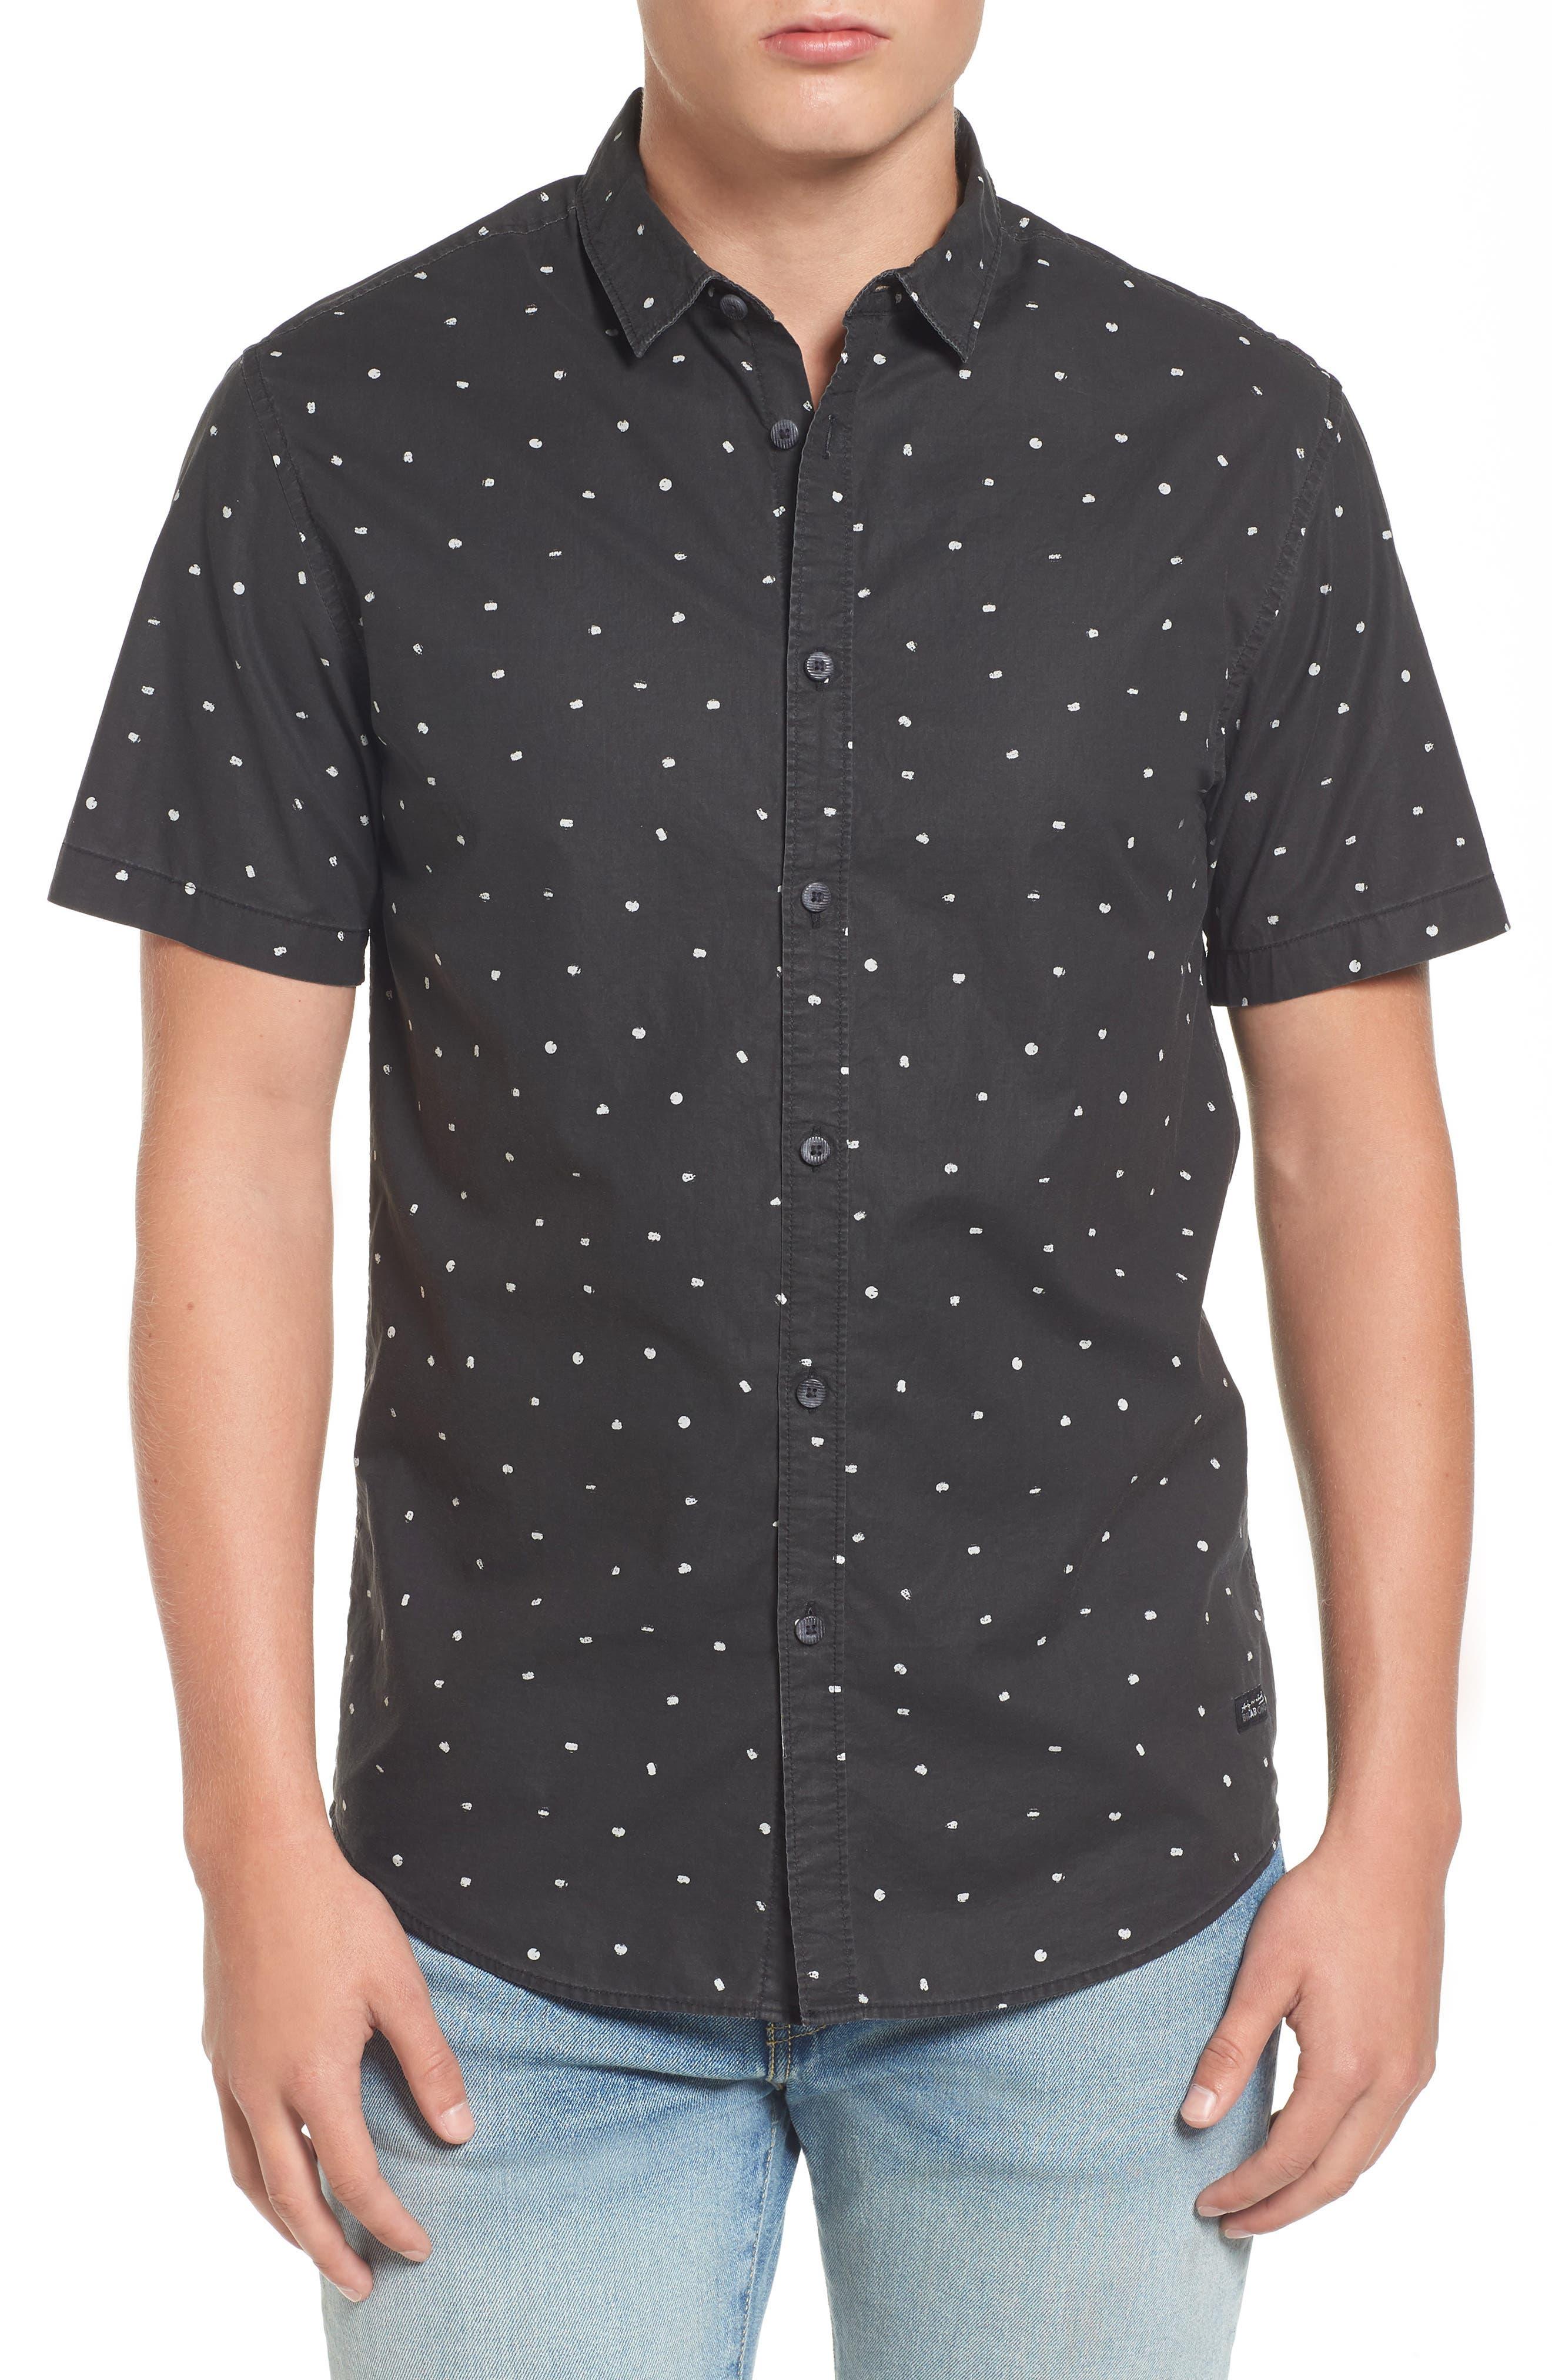 BILLABONG x Warhol Print Woven Cotton Shirt